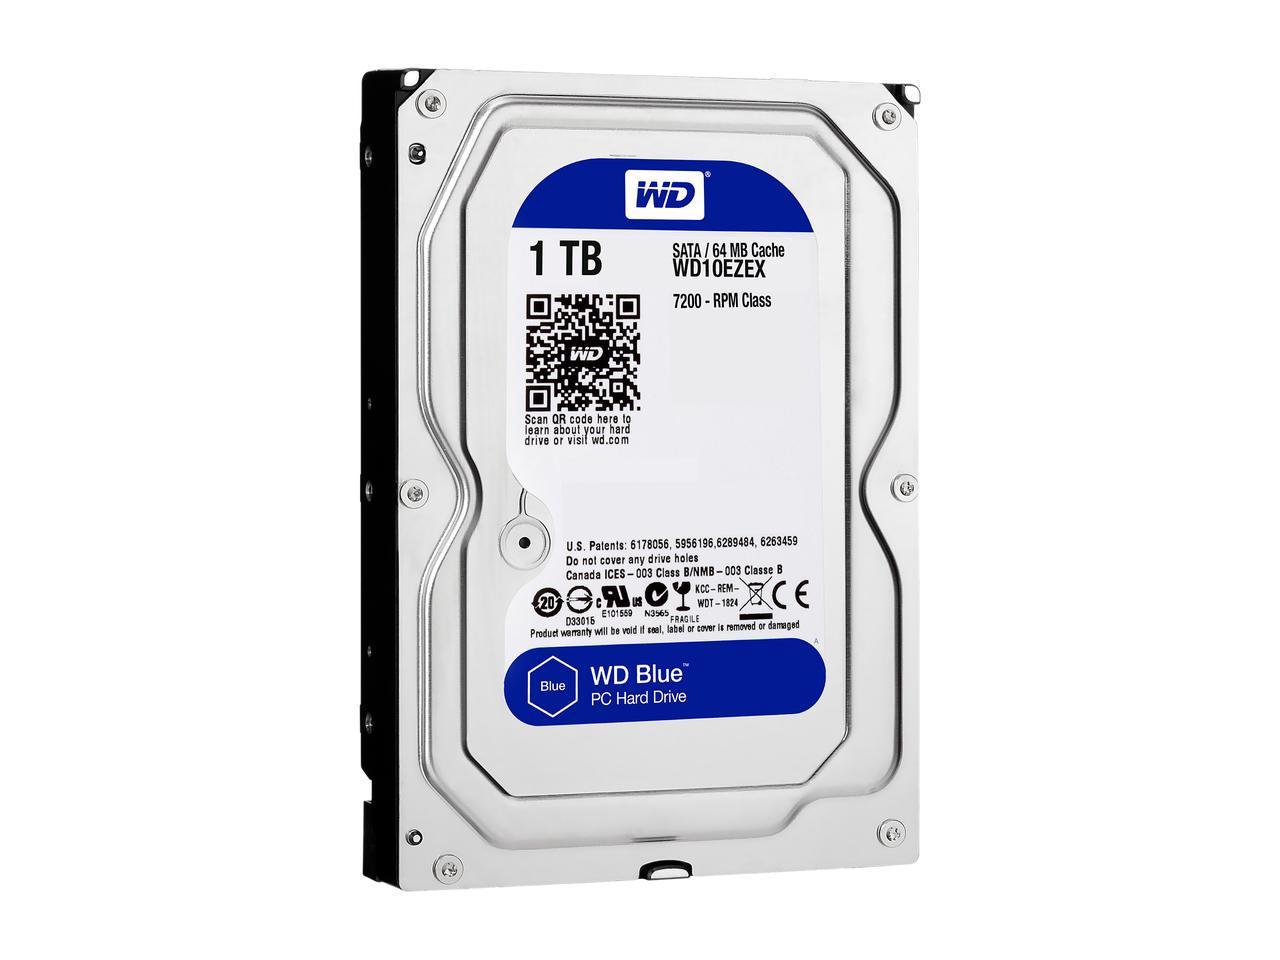 WD Blue 1TB Desktop Hard Disk Drive - 7200 RPM SATA 6Gb/s 64MB Cache 3.5 Inch - WD10EZEX $44.99